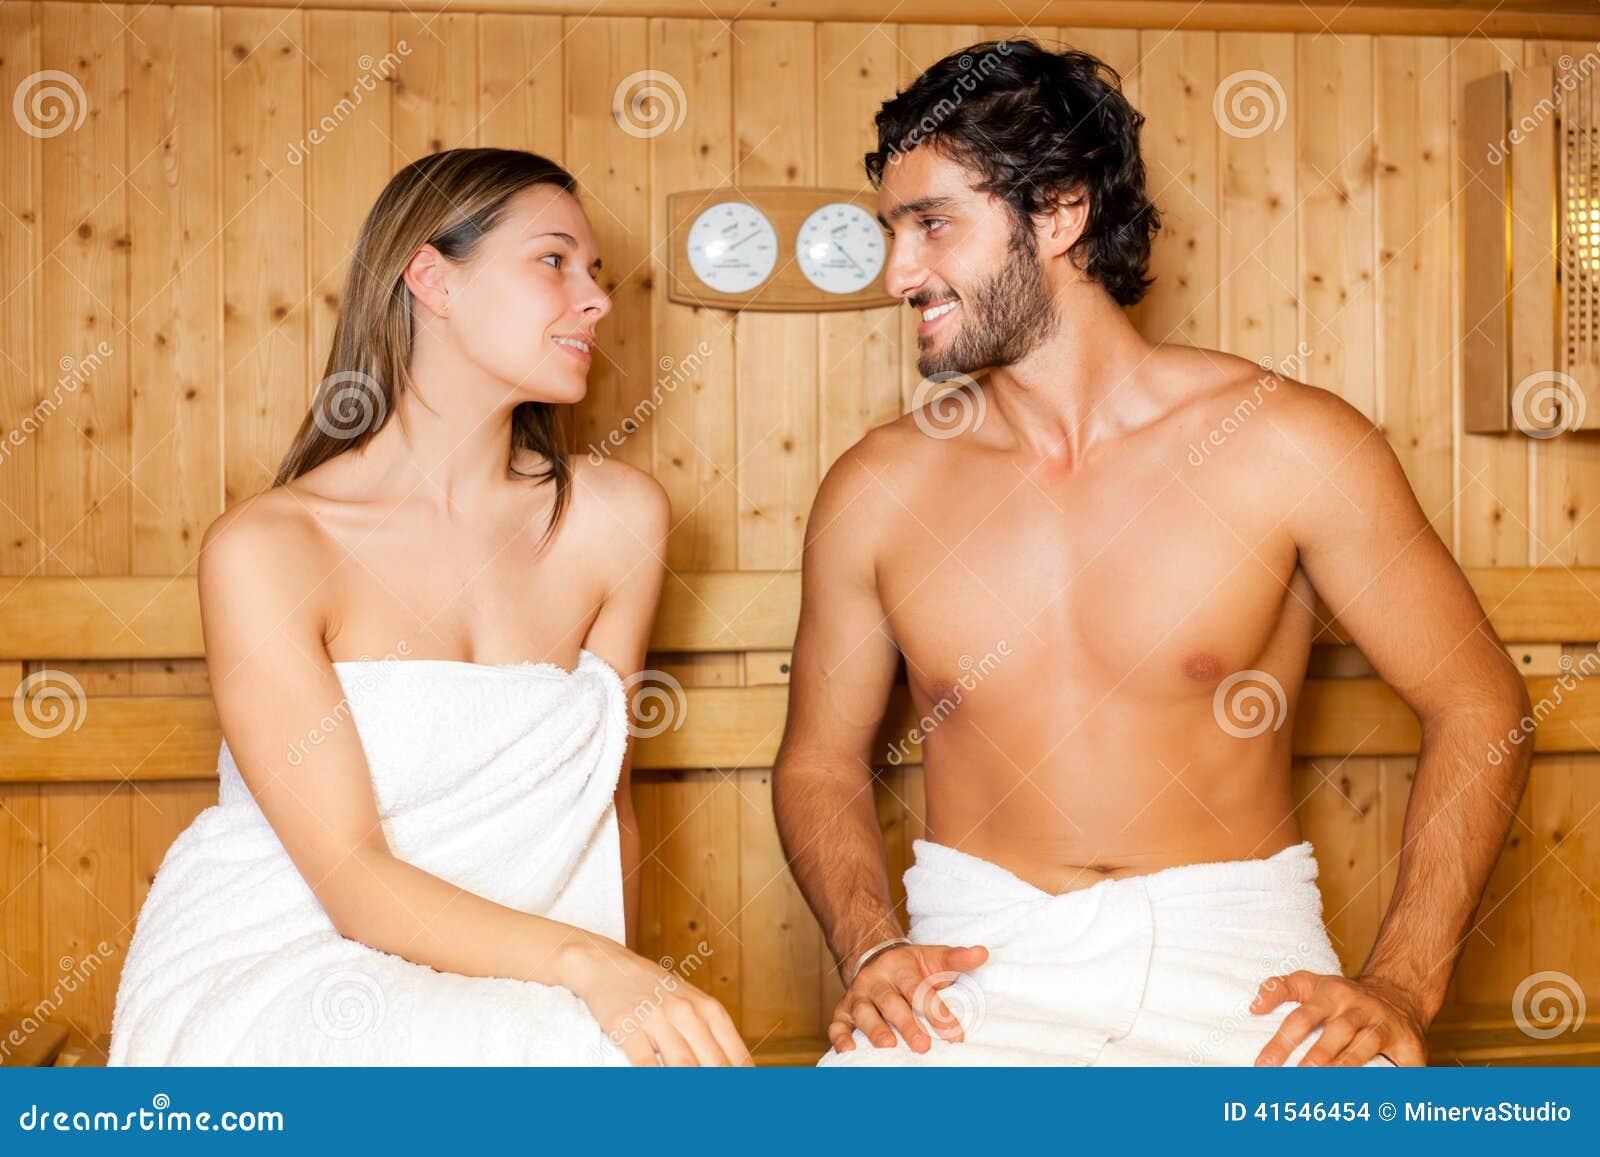 Смотреть фото голых девушек с мужиками, Голые бабы светят своими пездами и трахаются 27 фотография